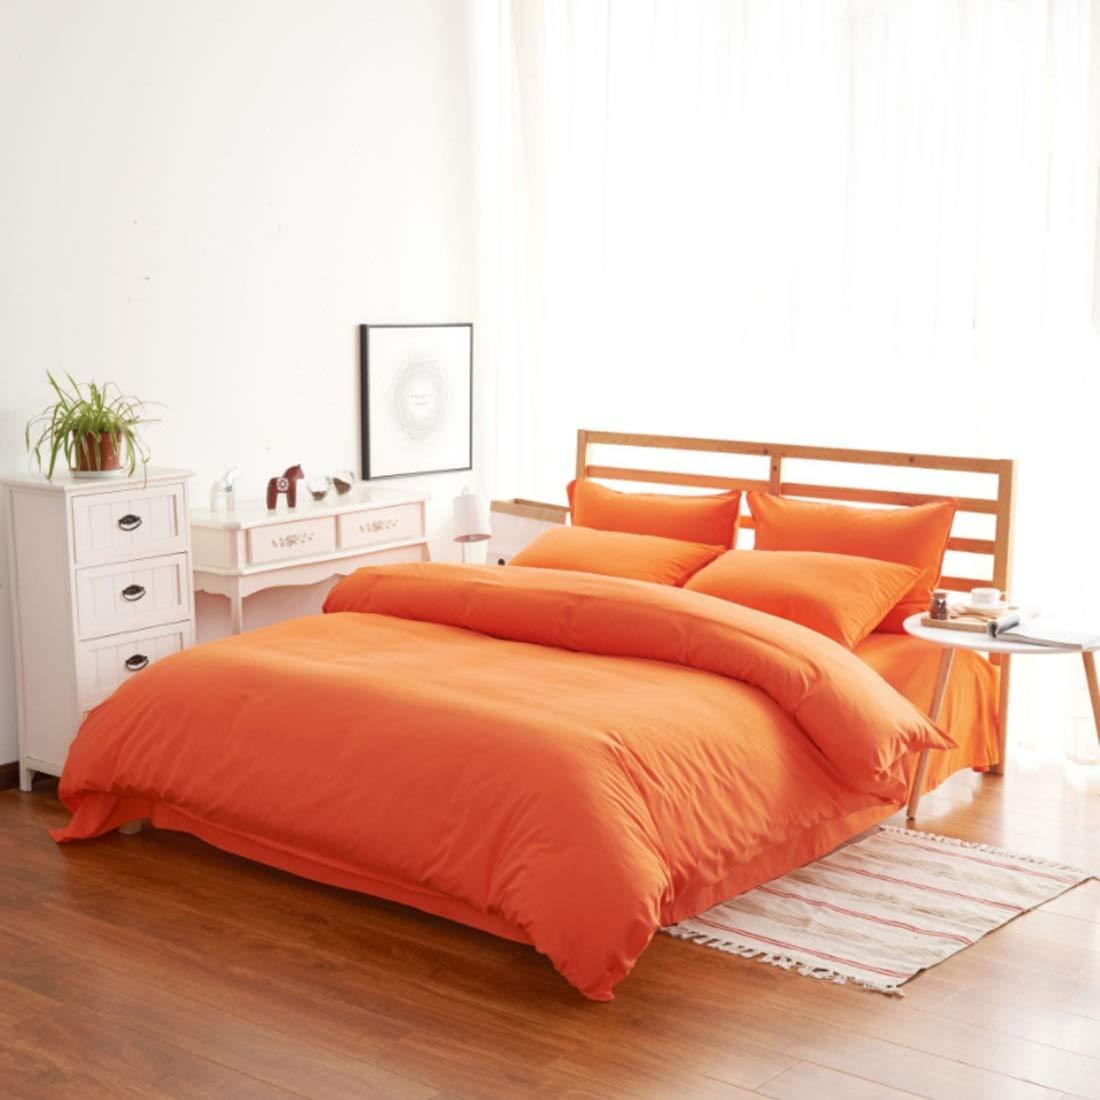 Longlong 4セット 寝具カバーセット 綿の高級高密度起毛シーツ枕カバーの家の室内装飾 掛け布団カバー ボックスシーツ 防ダニ ベッド用 洗える (色 : オレンジ, サイズ : 200*230CM) B07SSBTRX1